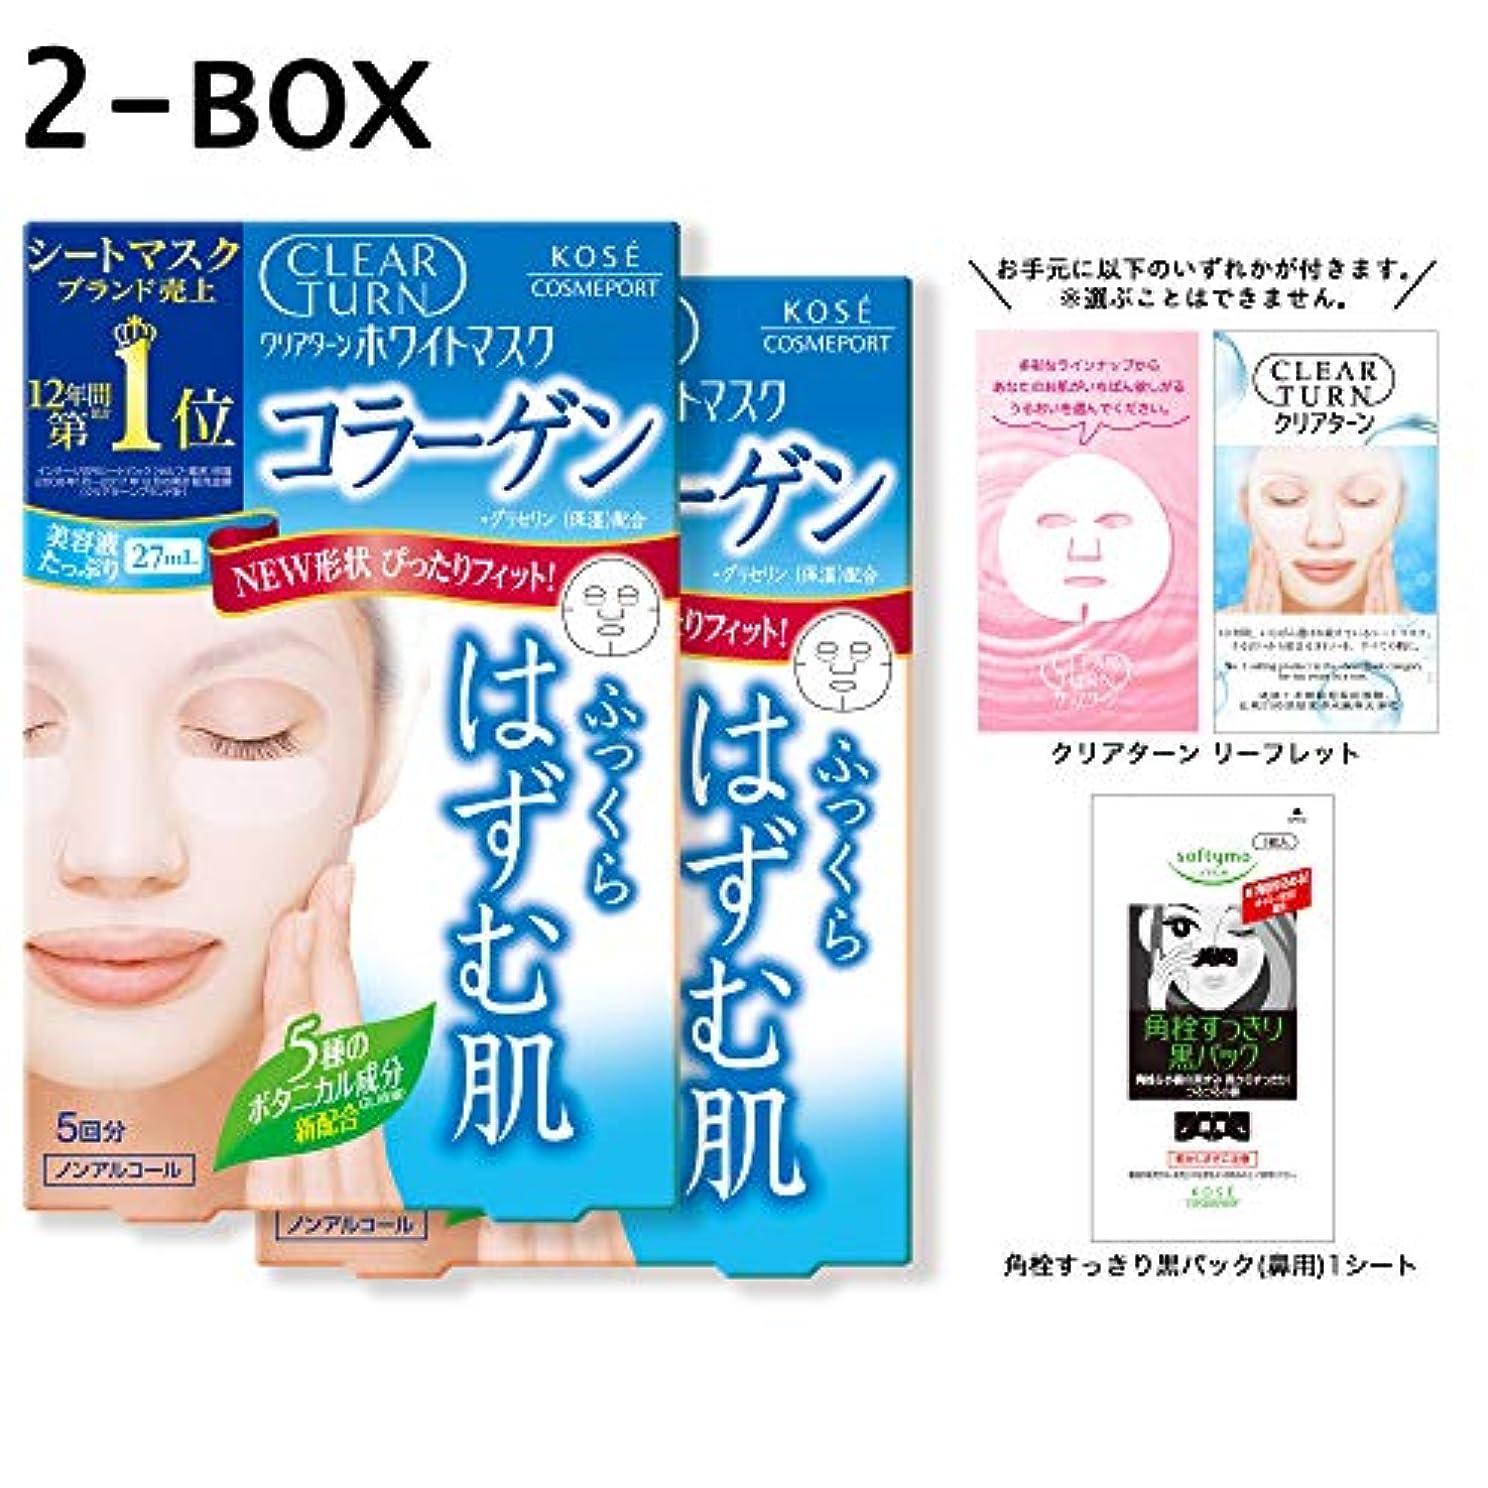 【Amazon.co.jp限定】KOSE クリアターン ホワイトマスク コラーゲン 5回分 2P+おまけ付 フェイスマスク